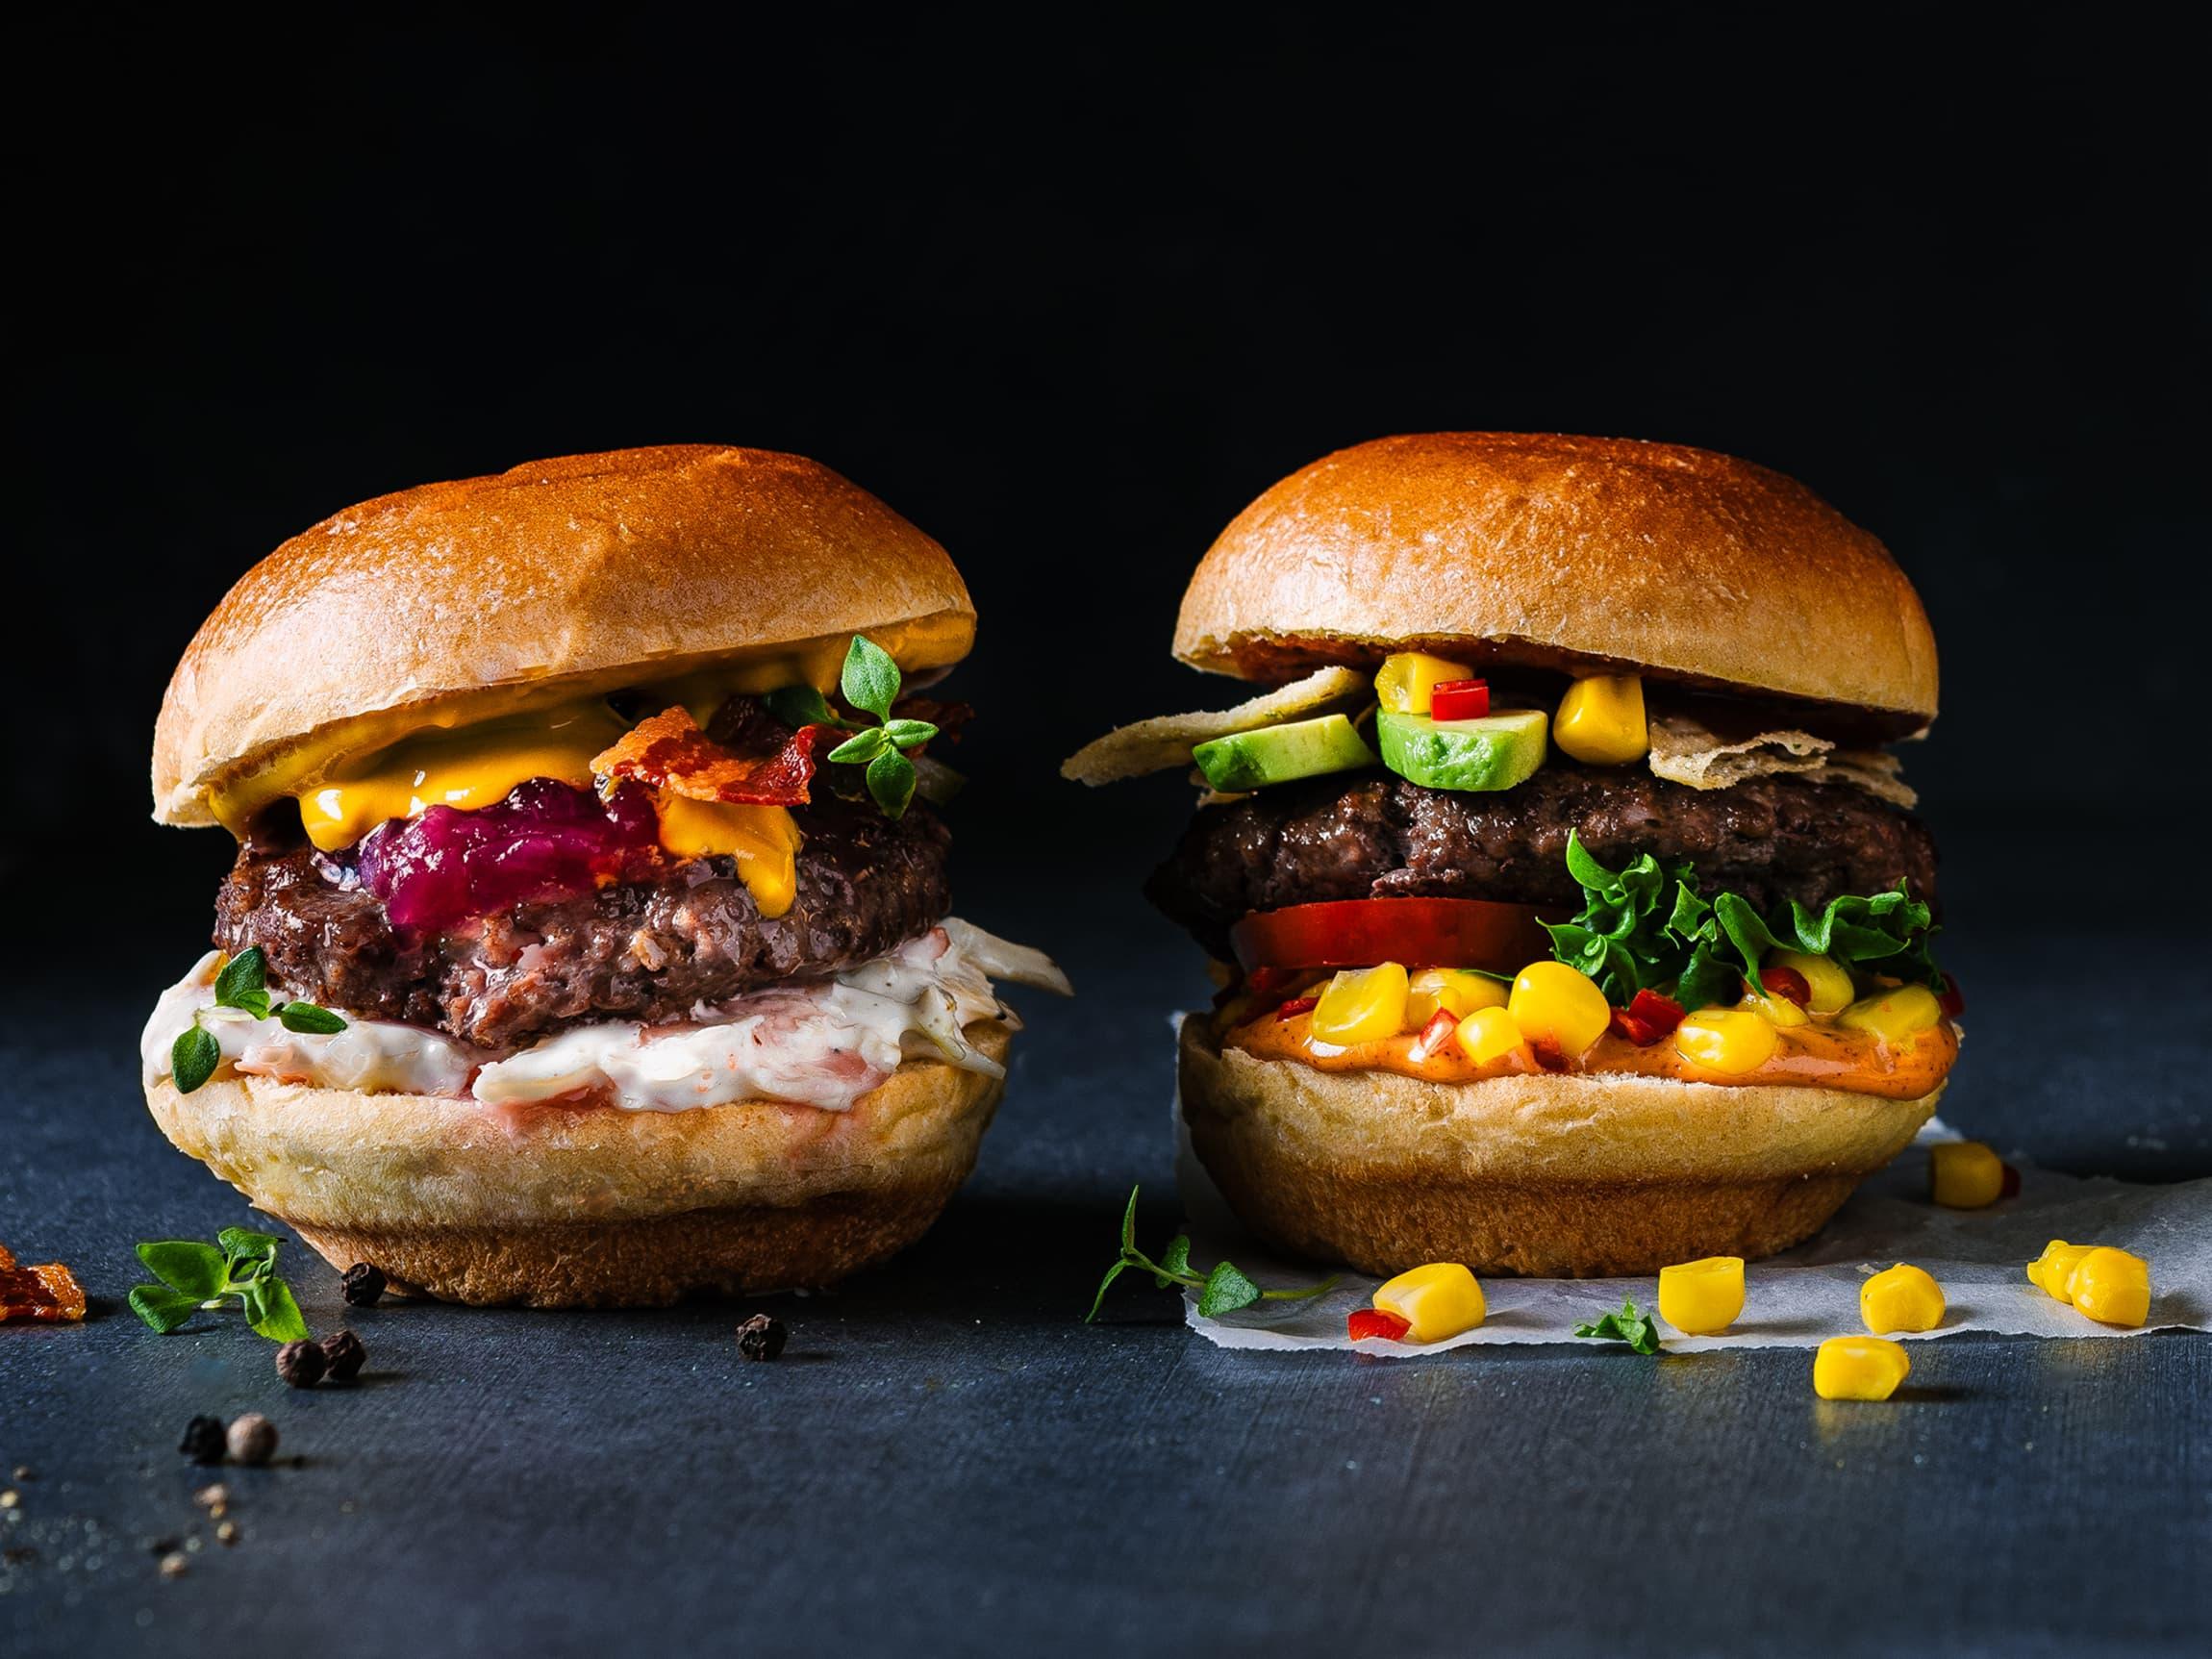 Med angus sliders kan du prøve ulik topping på flere burgere. Hva blir din favoritt?